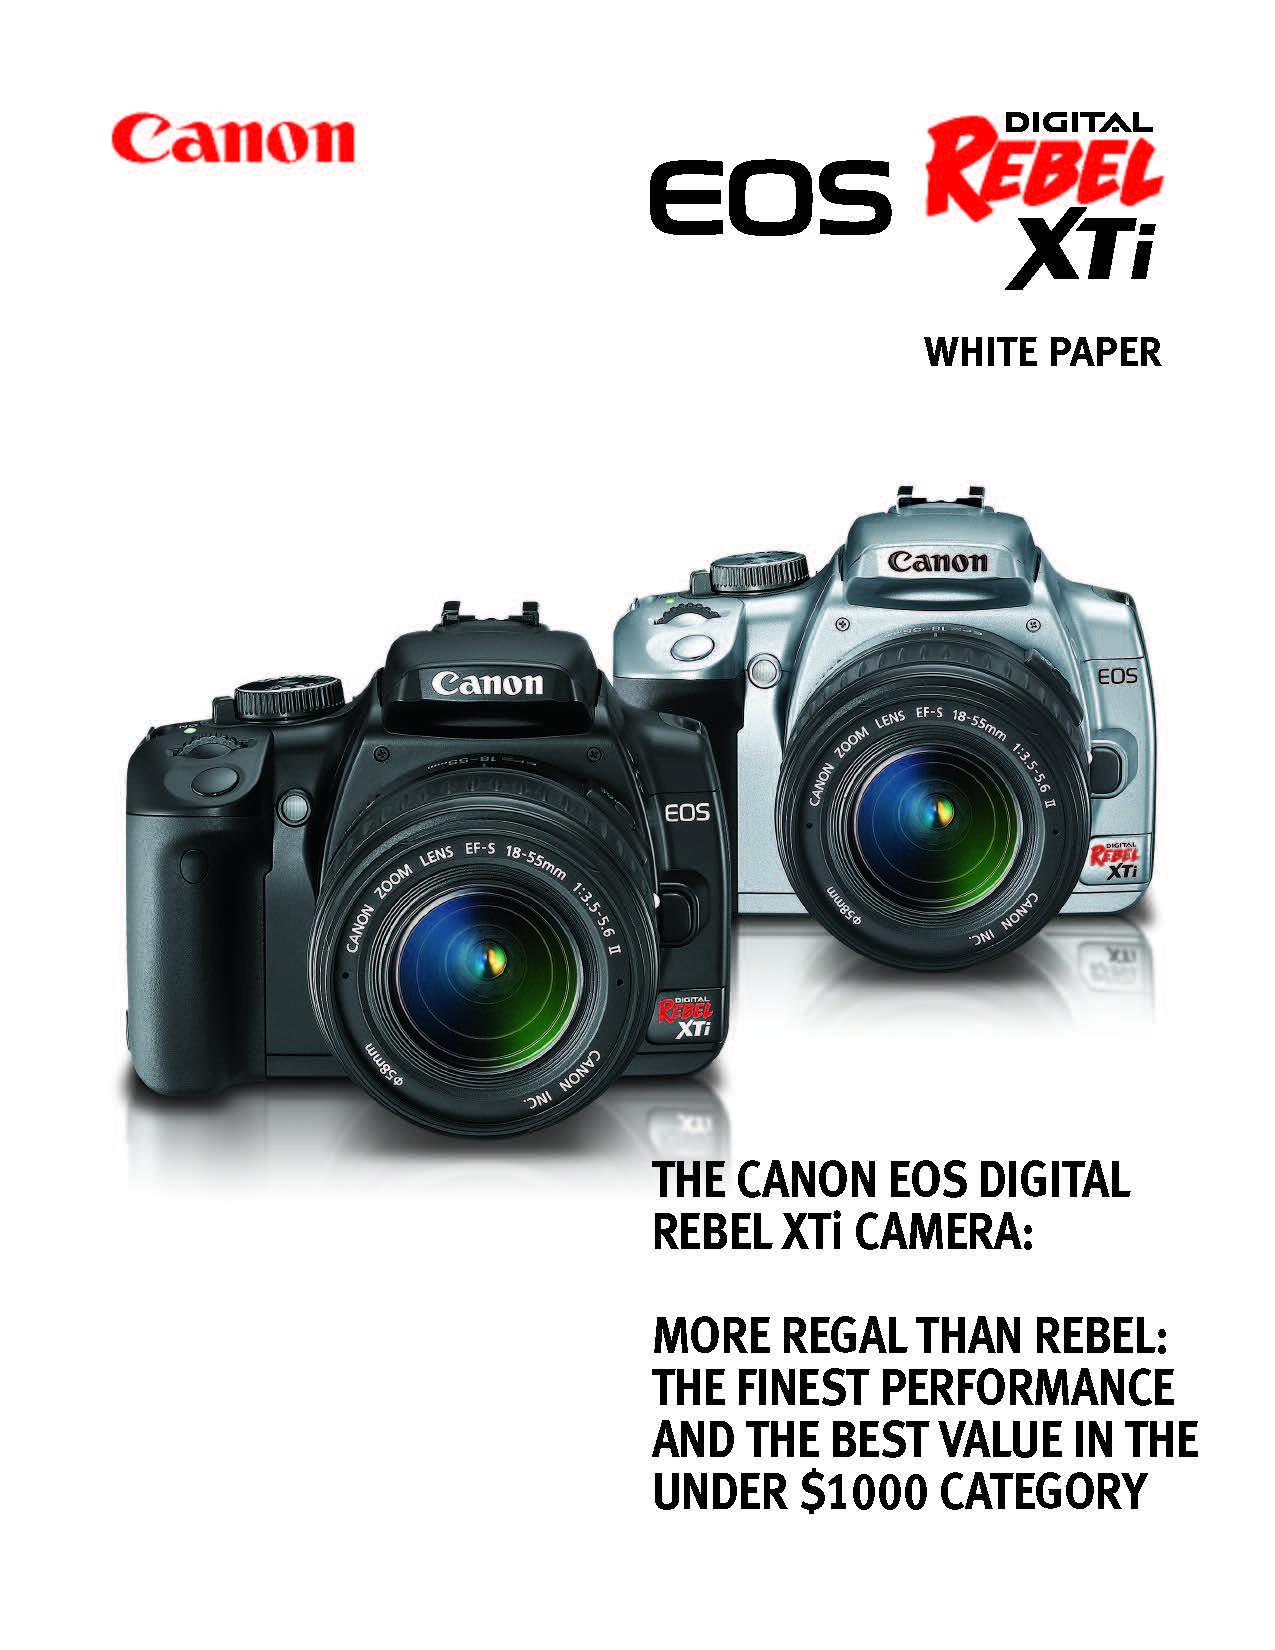 Canon Eos 400D / Rebel XTi White Paper